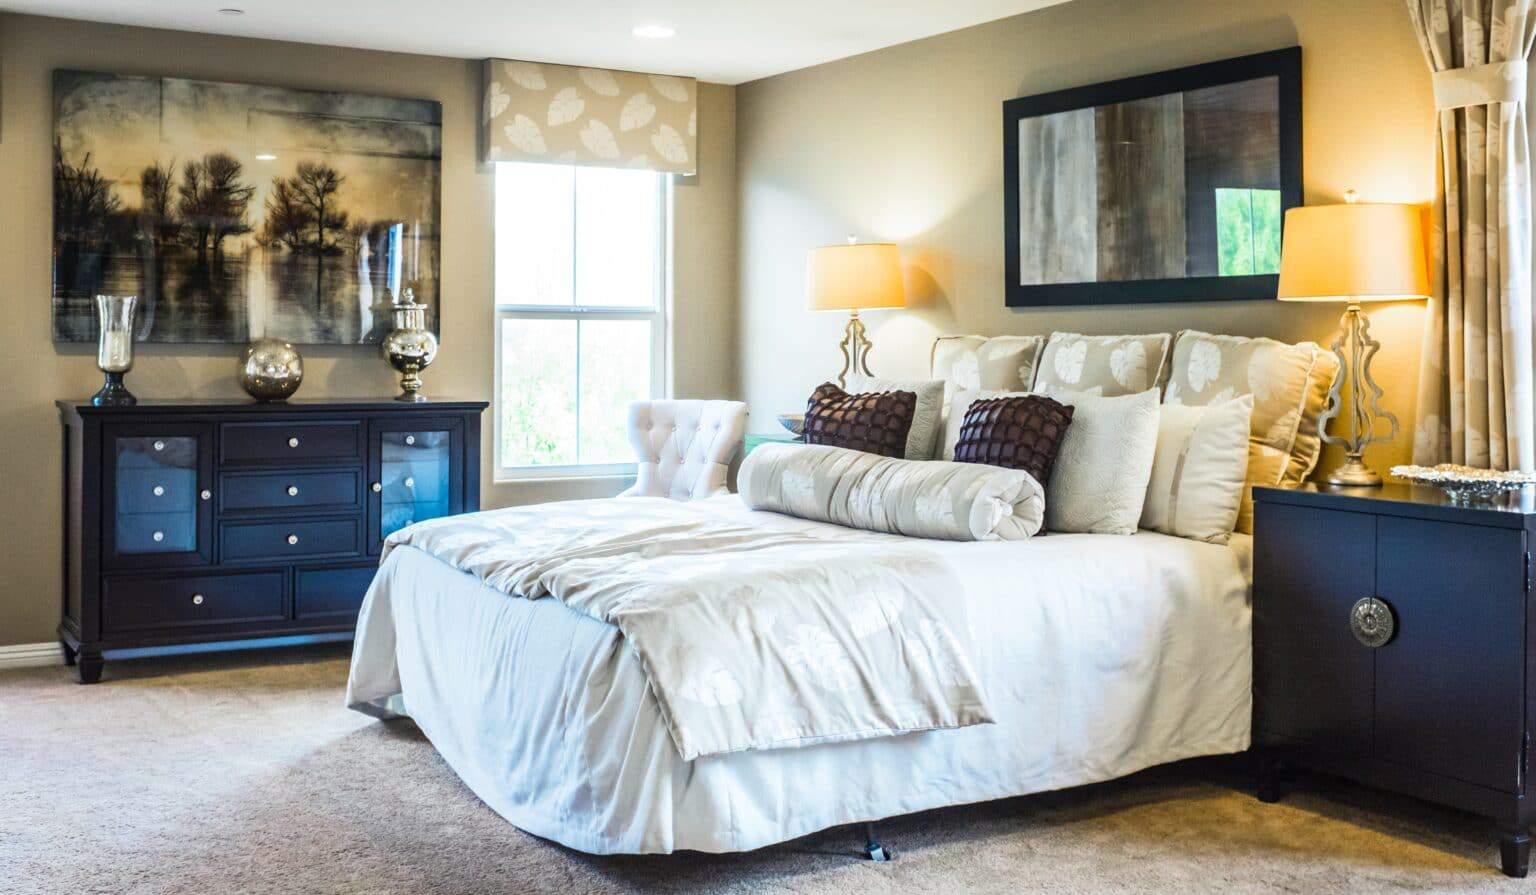 sypialnia w stylu glamour Duszynska Design 4